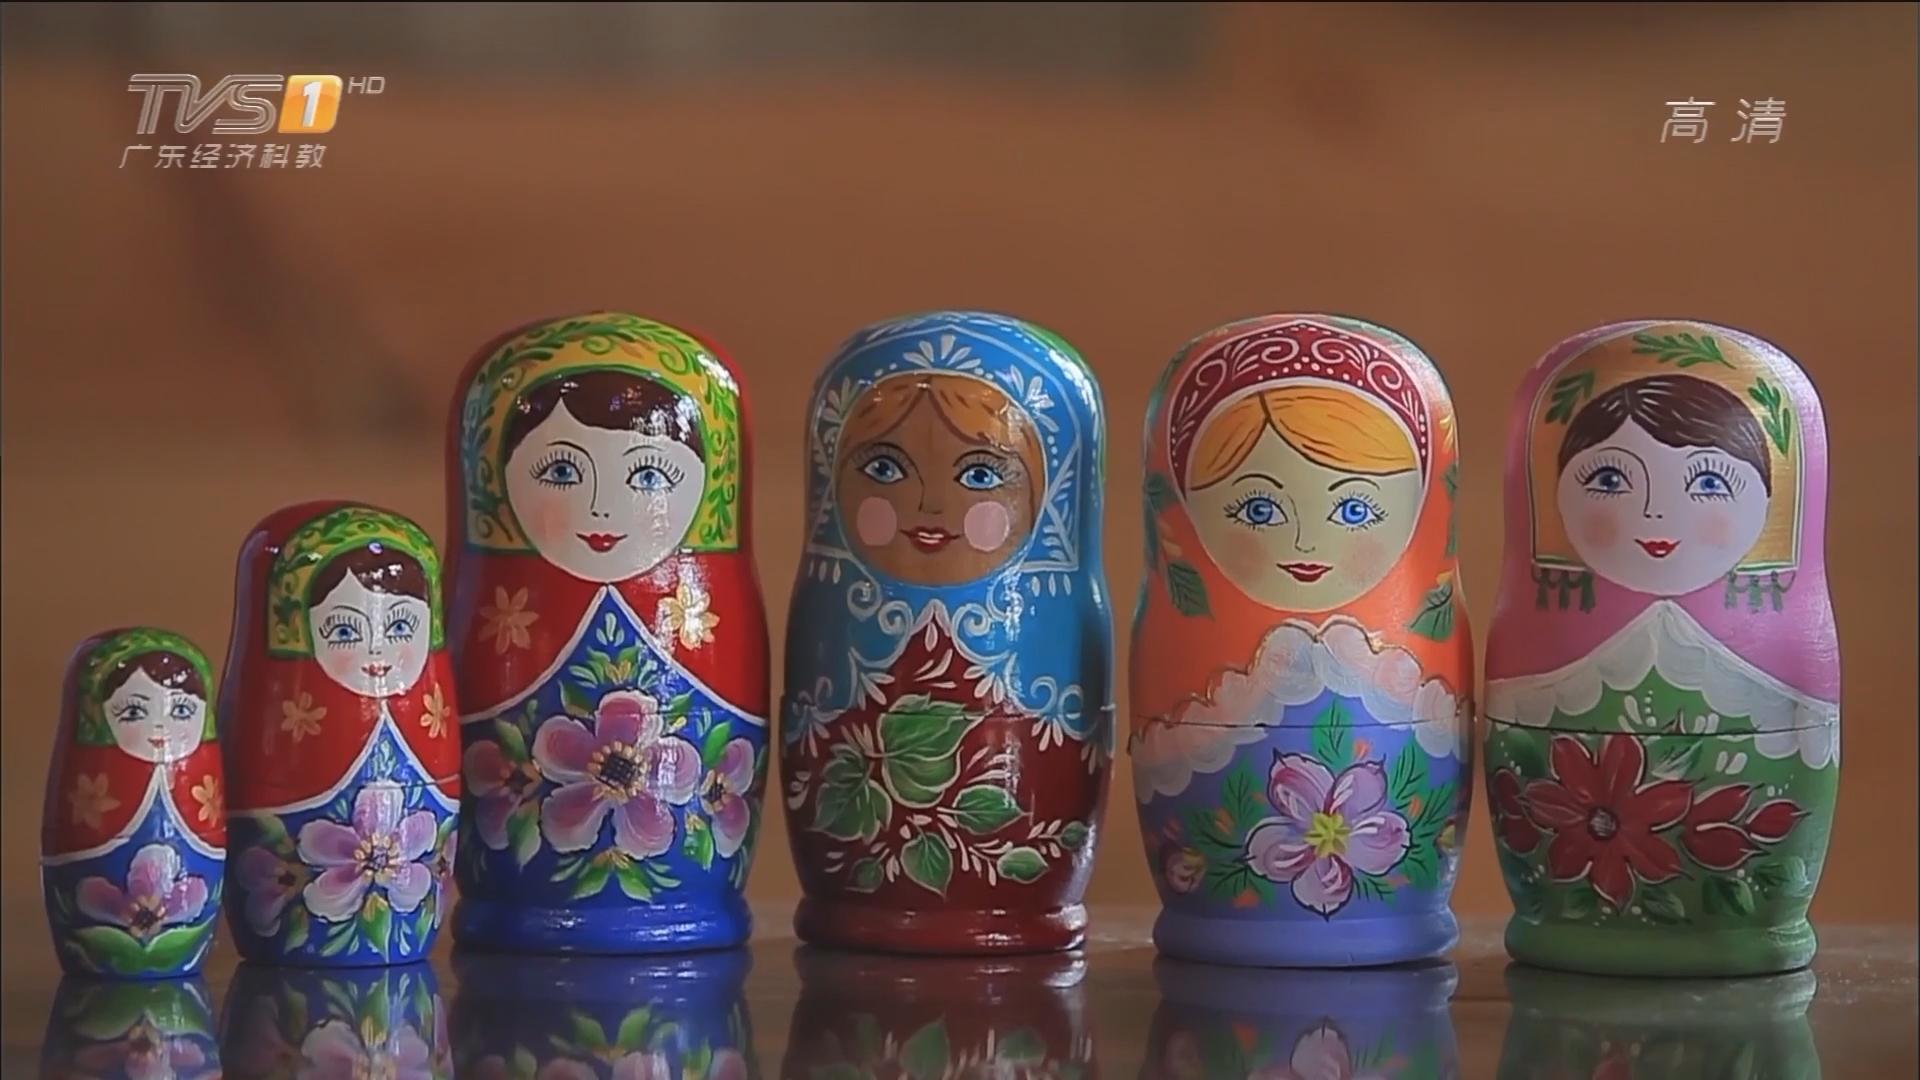 哈尔滨——伏尔加庄园 俄罗斯套头娃娃